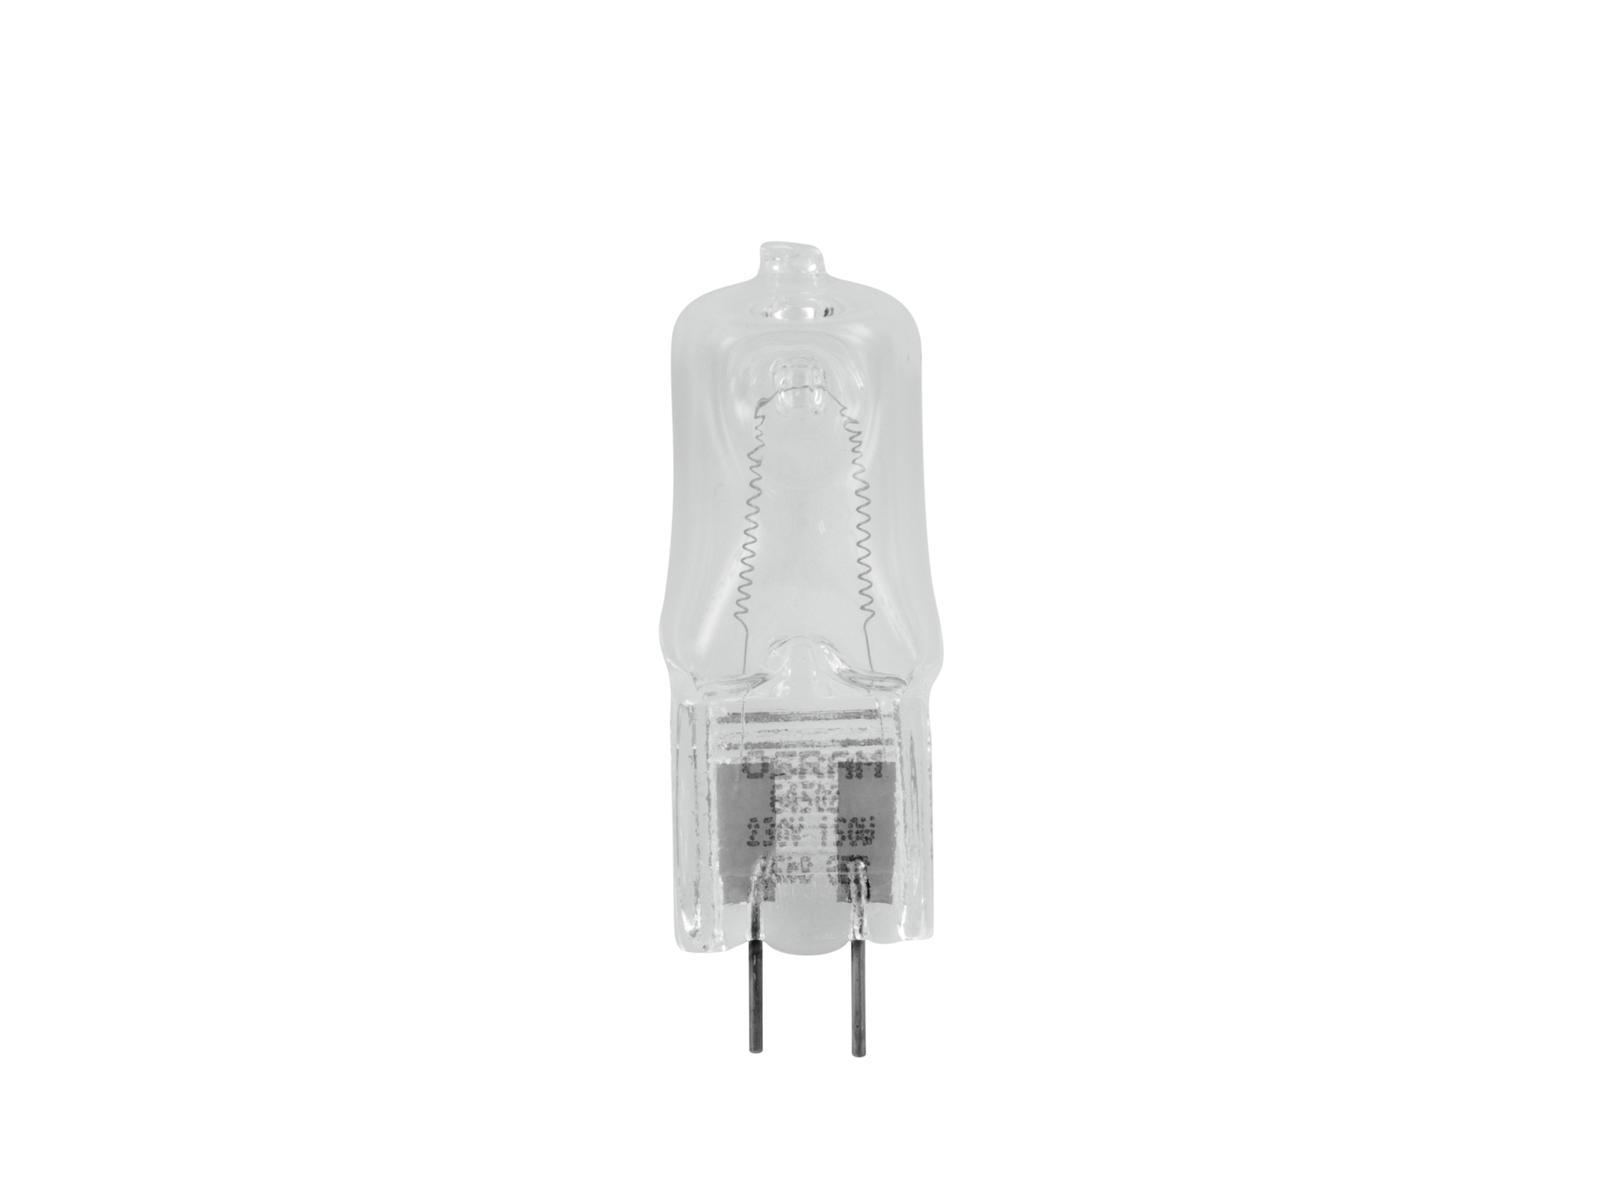 230V/150W G 6,35 64502 Osram, sv. zdroj